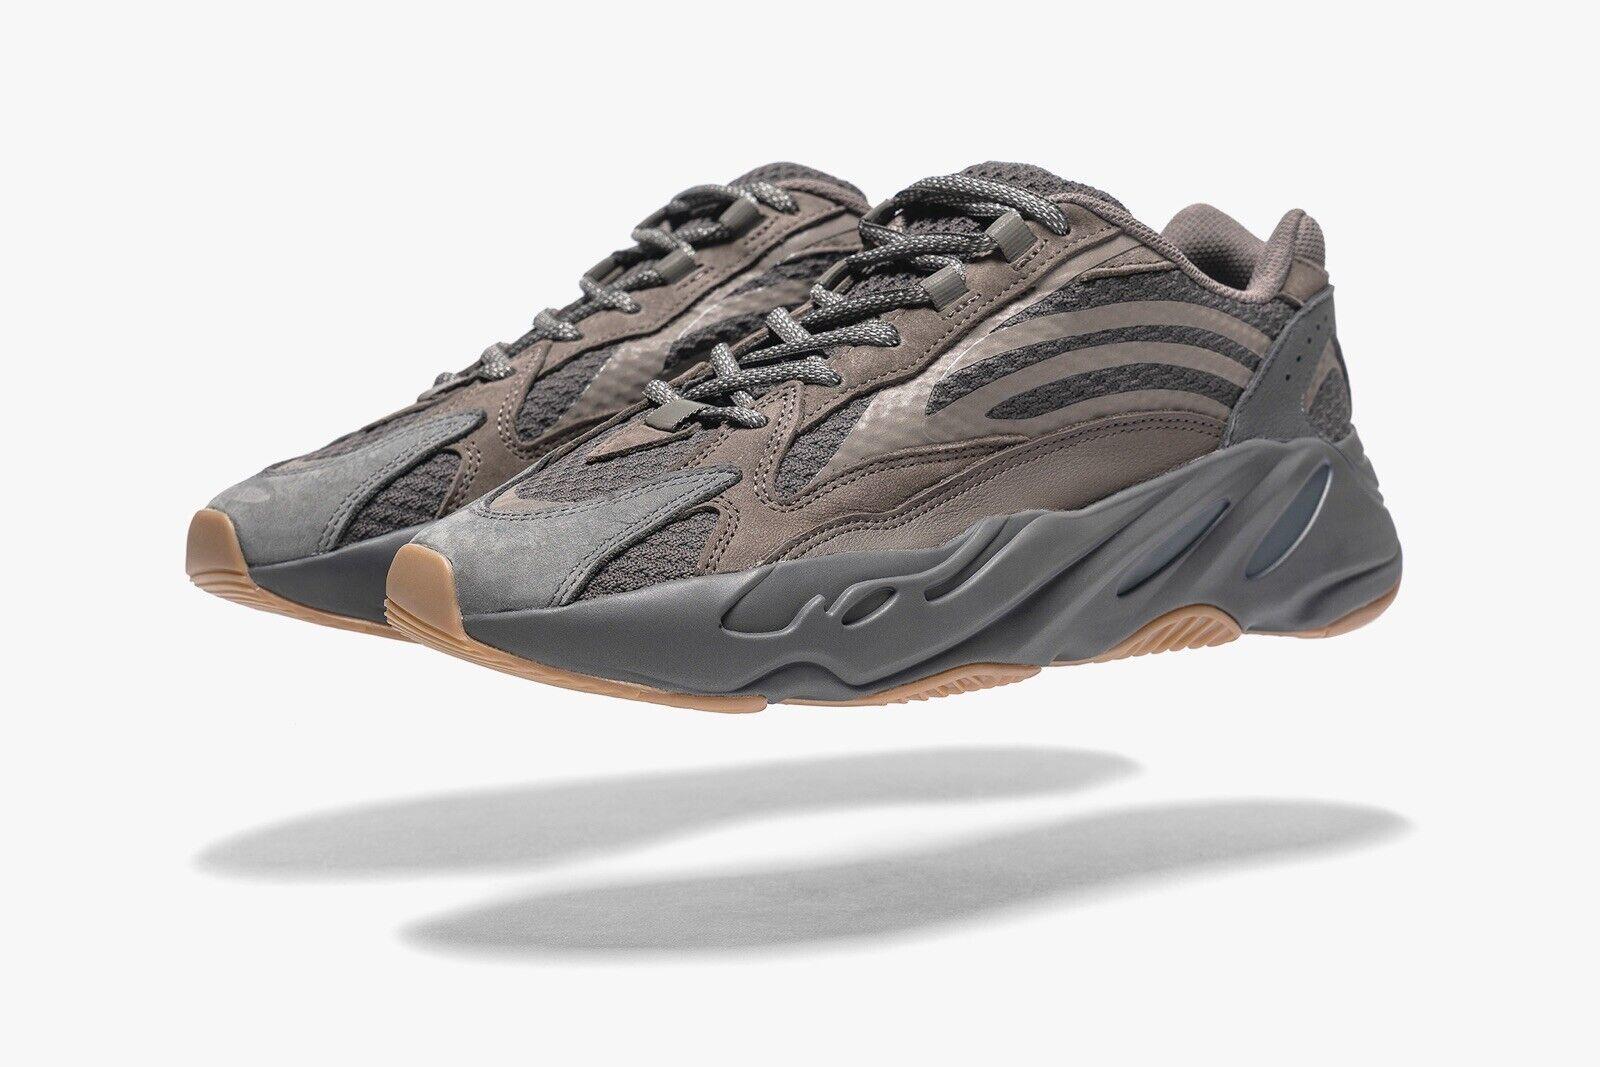 Adidas Yeezy Boost 700 V2 Geode Size 4 EG6860 static v1 reflective og salt 350